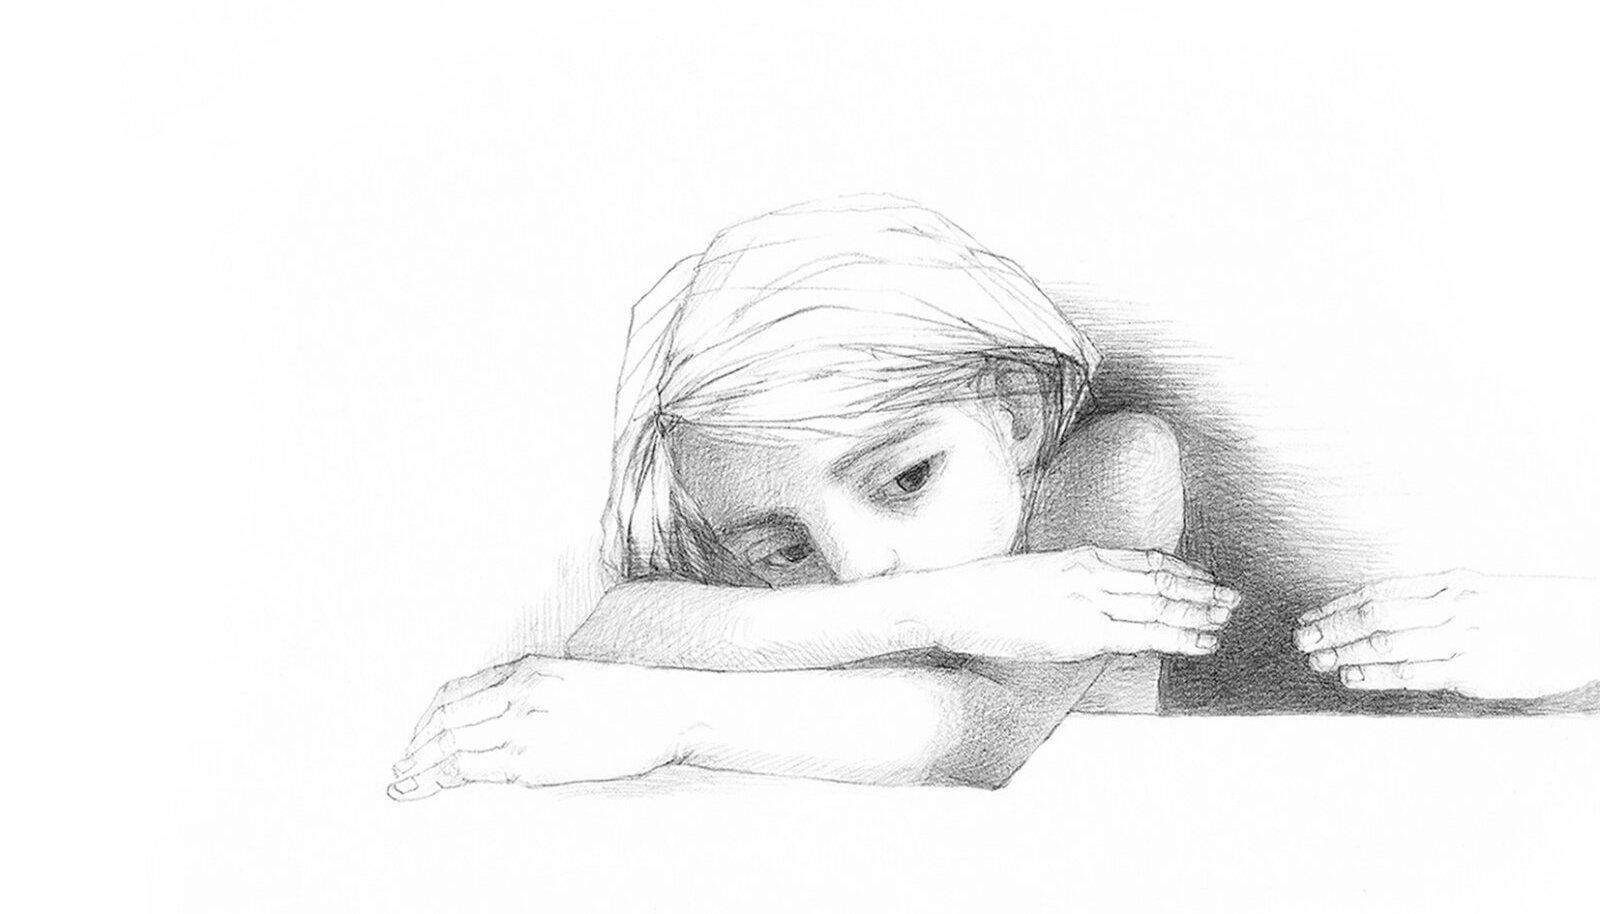 Raamatu illustreeris Jaan Tammsalu soovil Reti Saks.